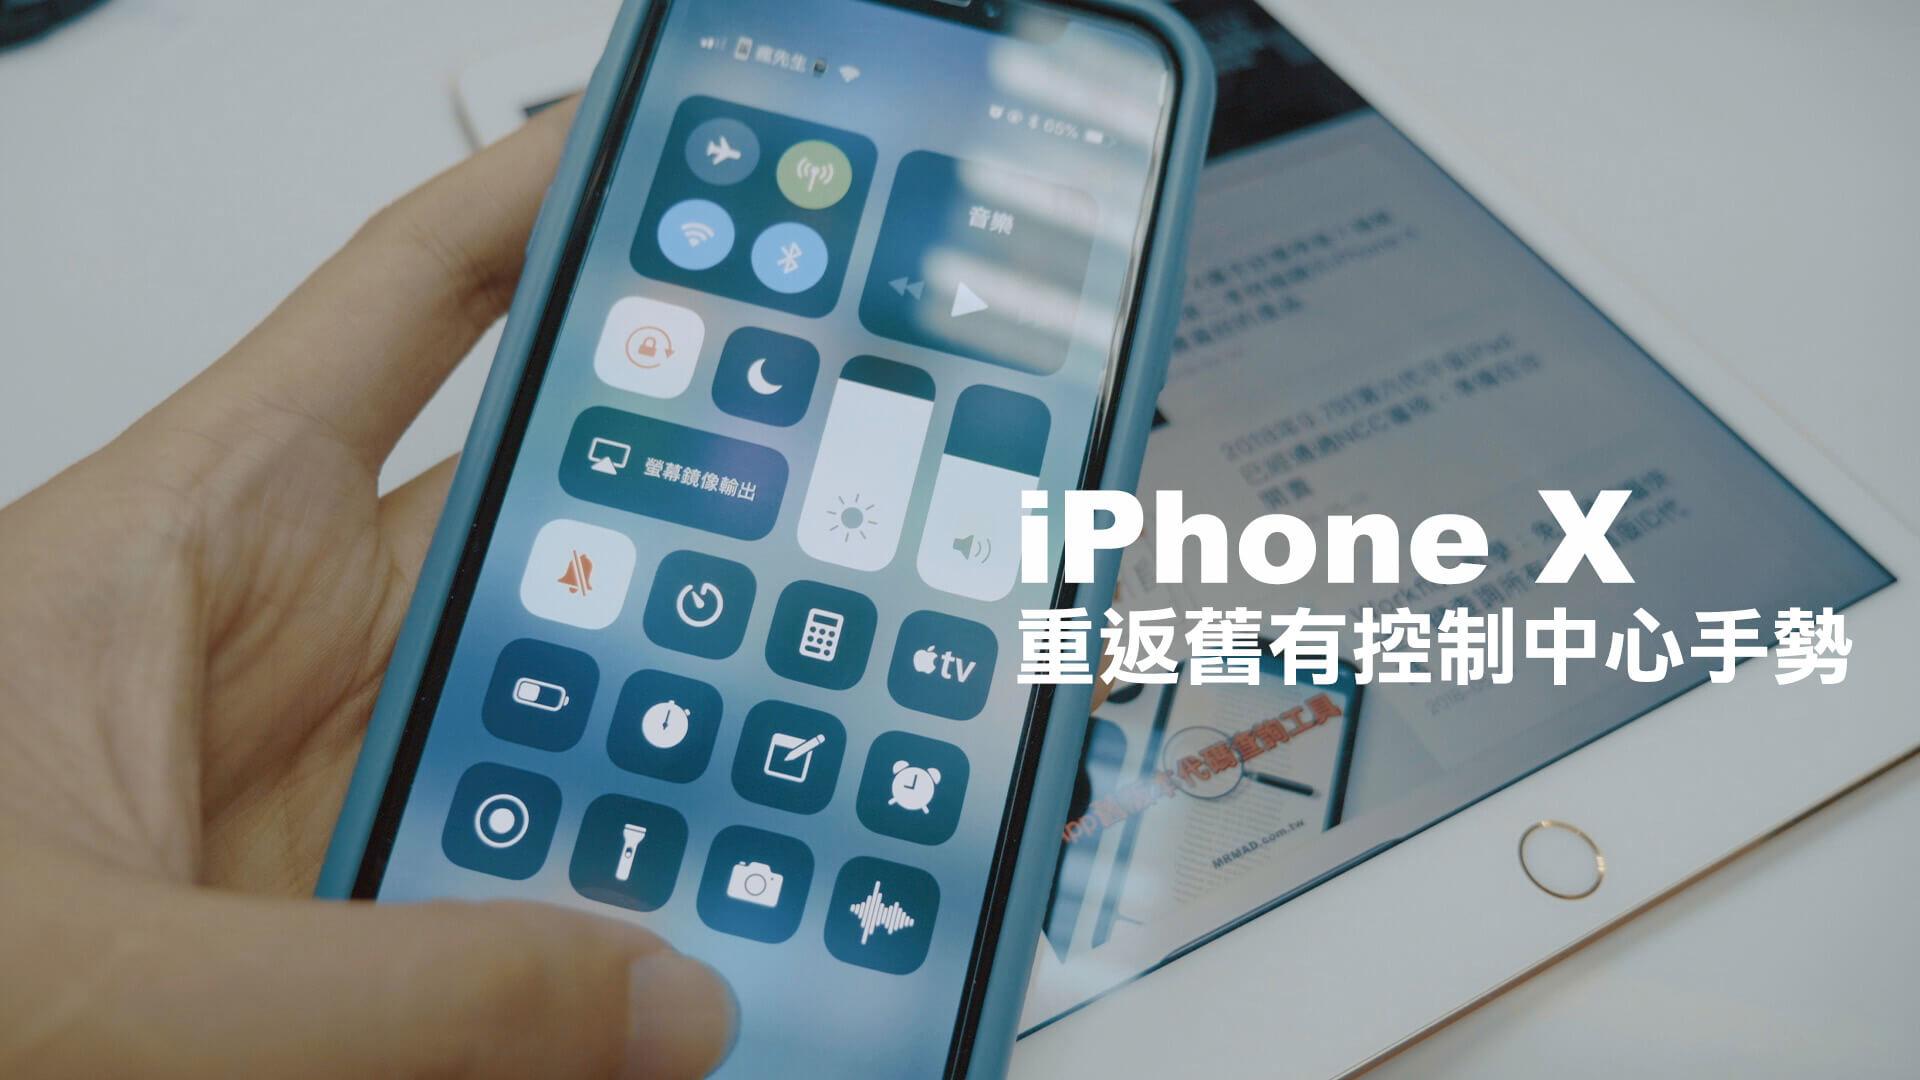 讓iPhone X實現返回舊手勢由底往上拉叫出控制中心 BottomControIX